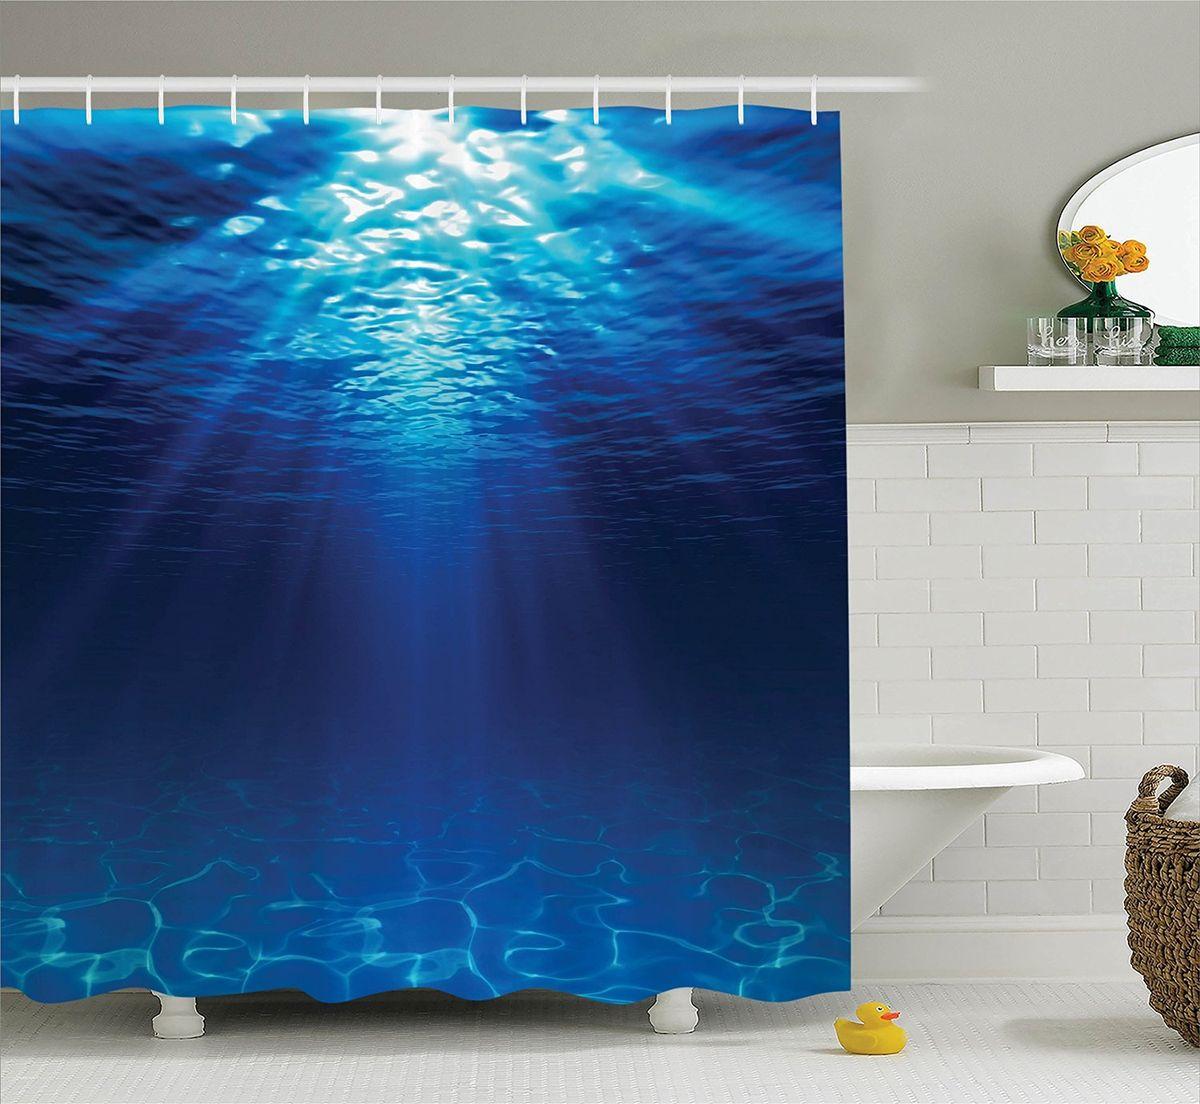 Штора для ванной комнаты Magic Lady Синее море, 180 х 200 смшв_12492Штора Magic Lady Синее море, изготовленная из высококачественного сатена (полиэстер 100%), отлично дополнит любой интерьер ванной комнаты. При изготовлении используются специальные гипоаллергенные чернила для прямой печати по ткани, безопасные для человека.В комплекте: 1 штора, 12 крючков. Обращаем ваше внимание, фактический цвет изделия может незначительно отличаться от представленного на фото.